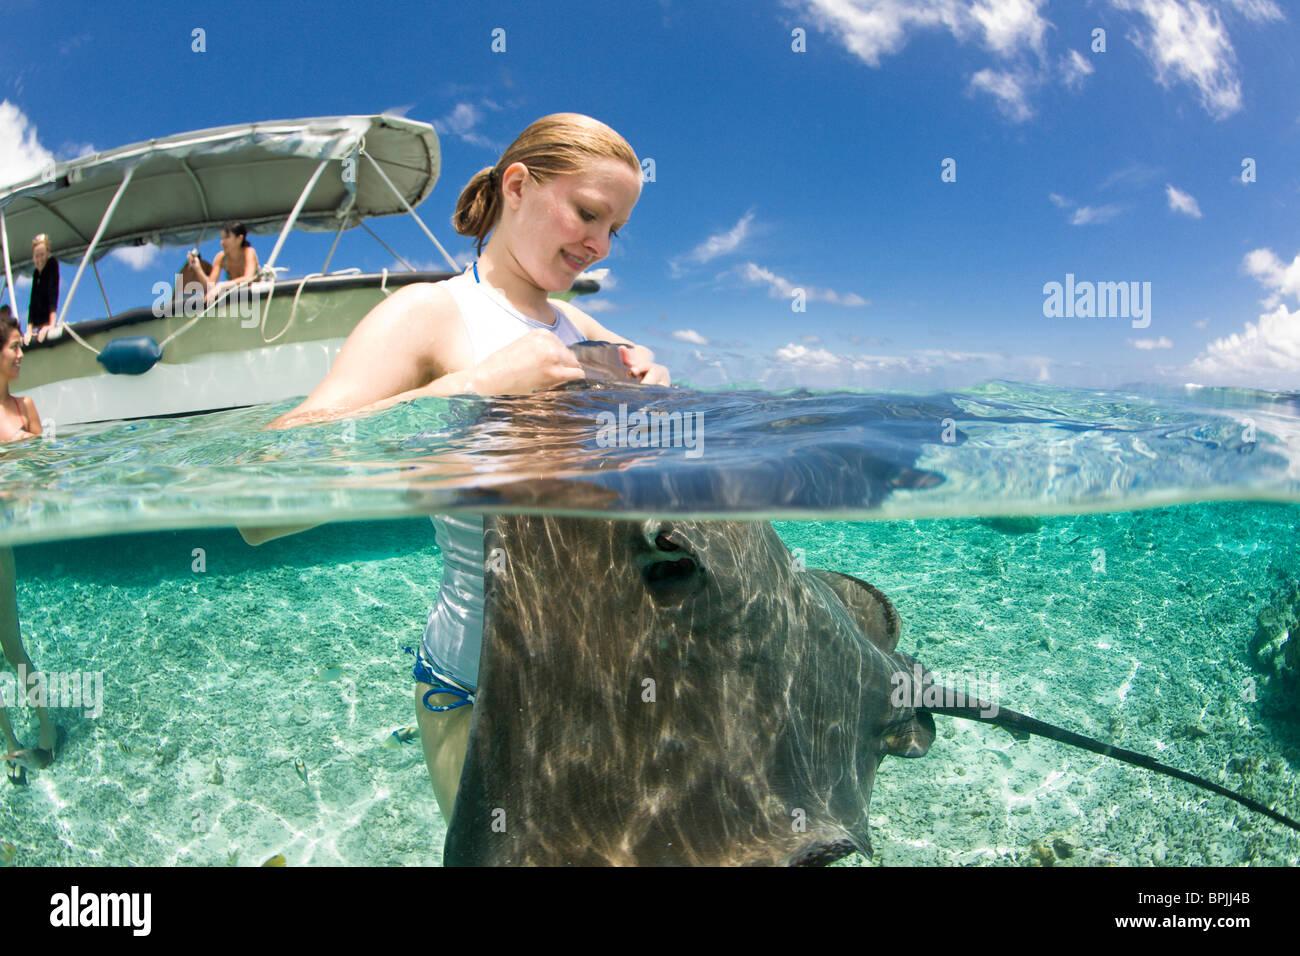 Laguna safari viaggio a fare snorkelling con marinelife - razze, piccoli squali blacktip e una varietà di colorati Immagini Stock